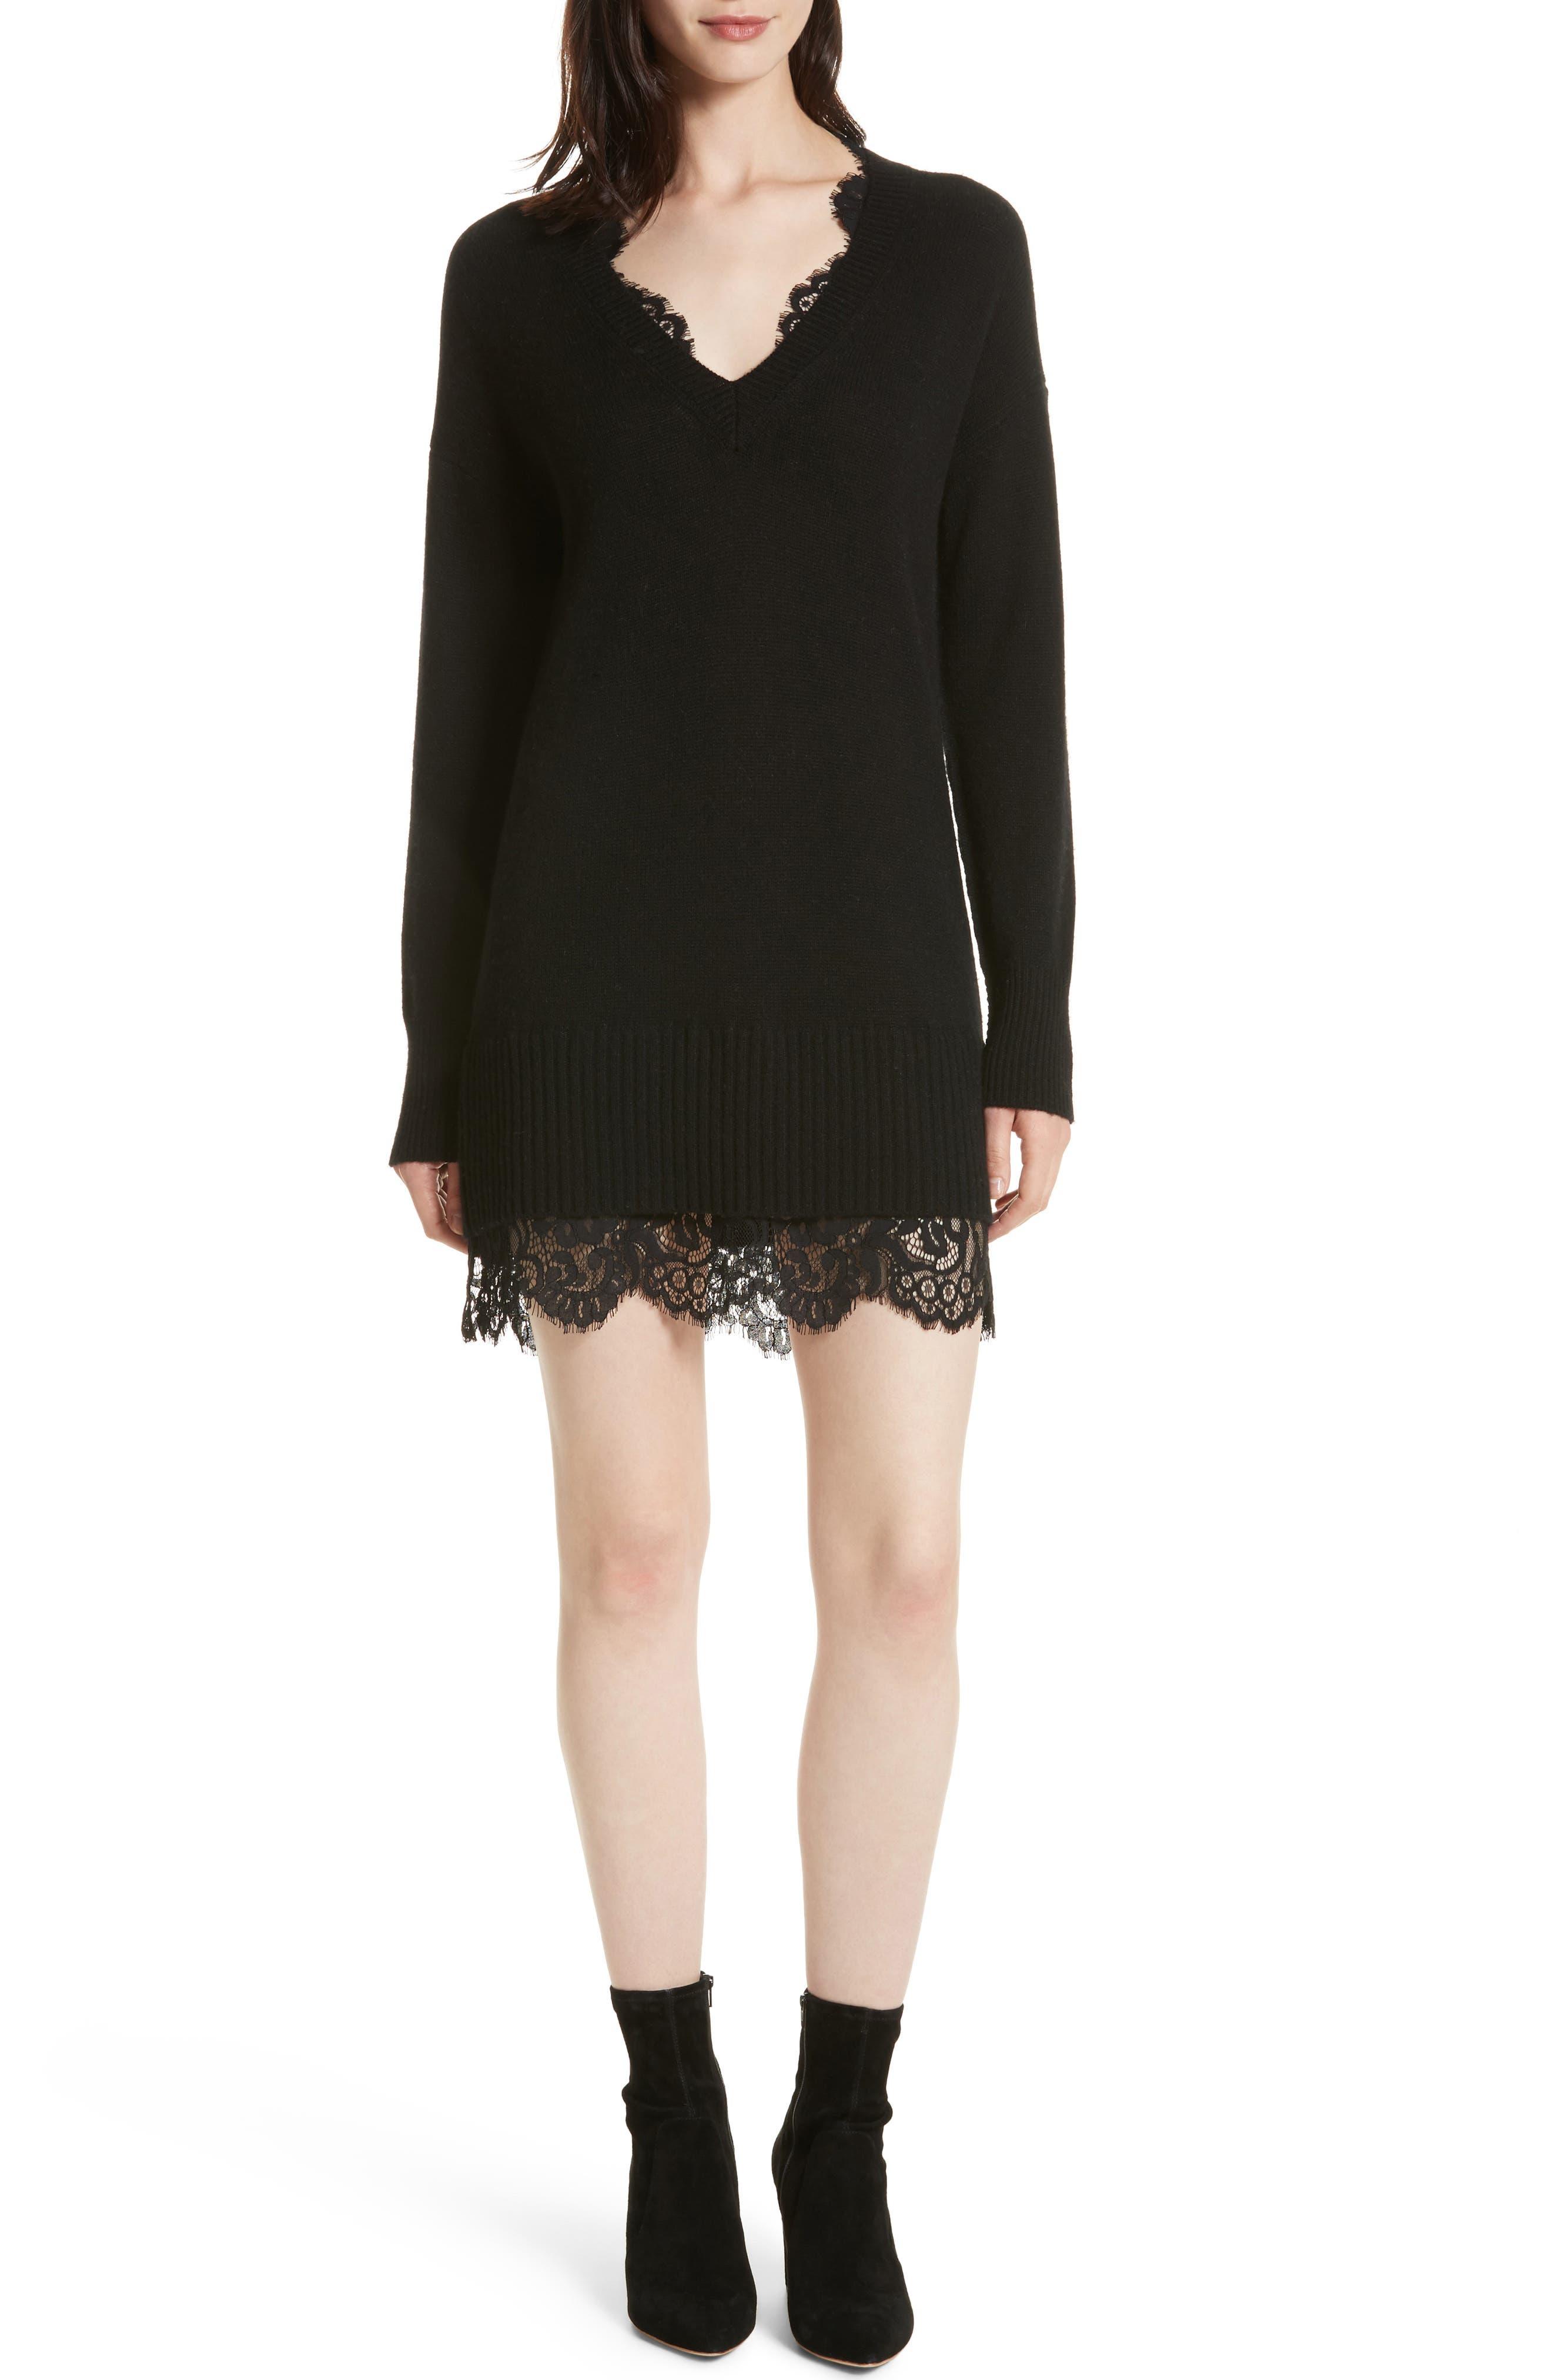 Main Image - Brochu Walker Lace Looker Sweater Dress